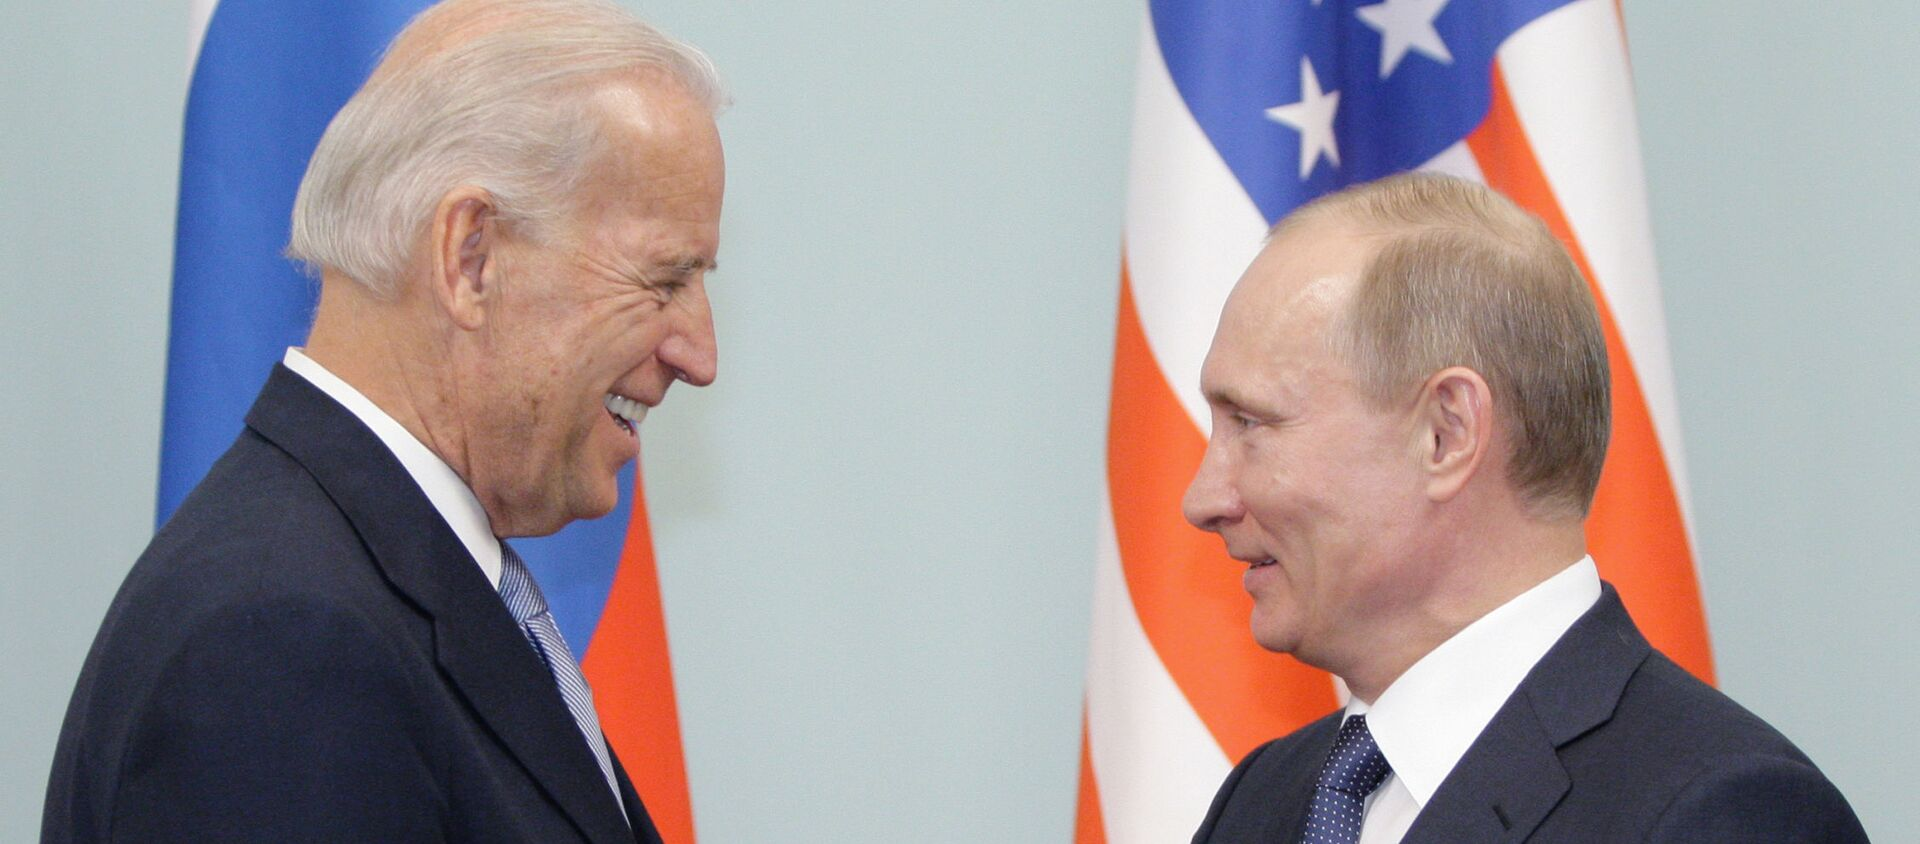 Cuộc gặp giữa thủ tướng Nga Vladimir Putin và phó tổng thống Hoa Kỳ Joe Biden, năm 2011 - Sputnik Việt Nam, 1920, 02.06.2021